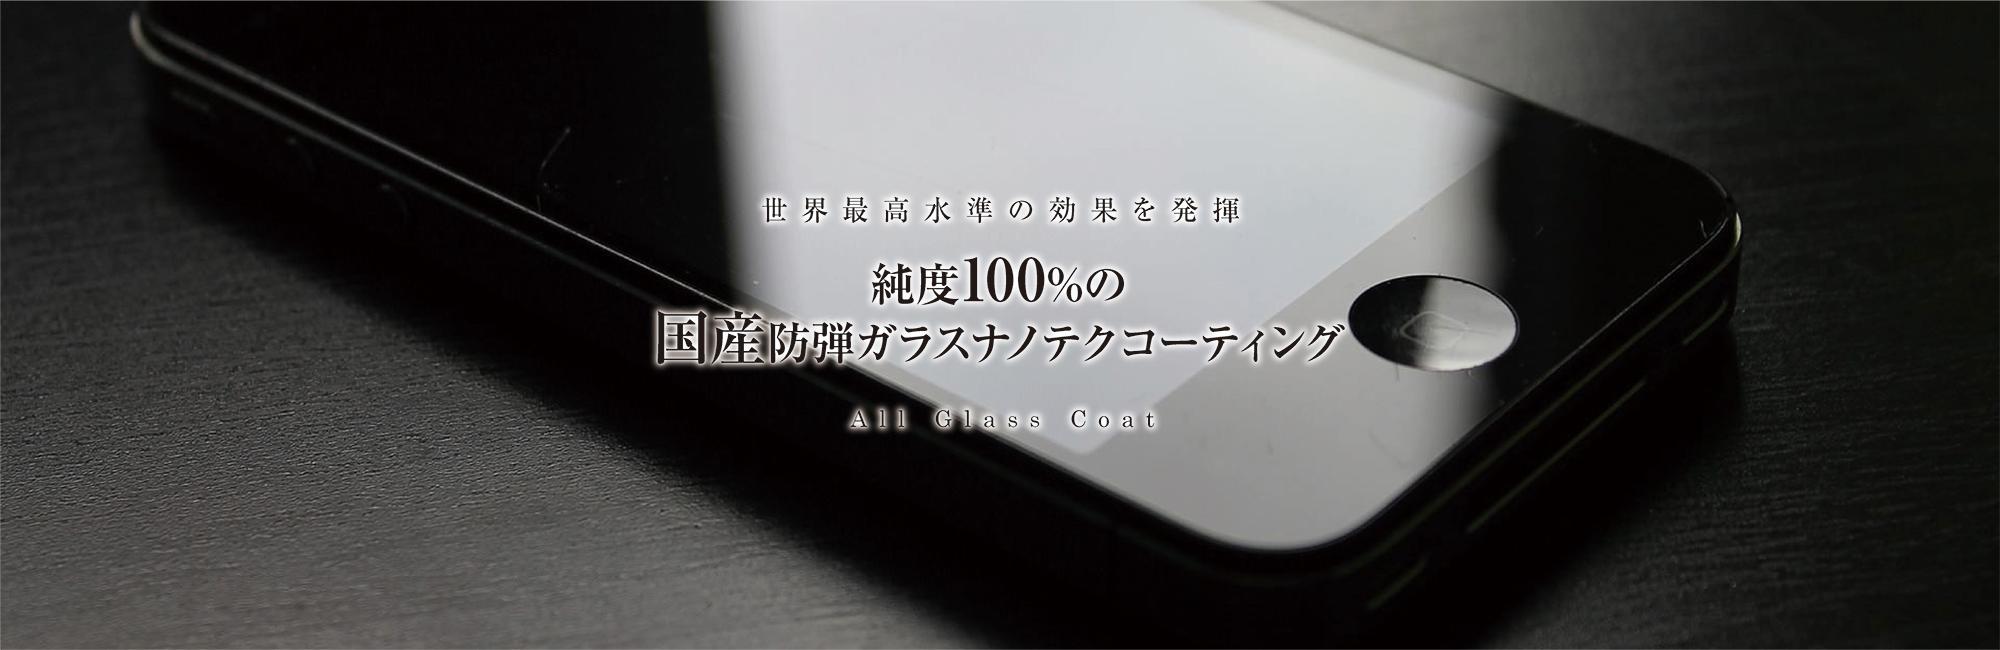 slide00